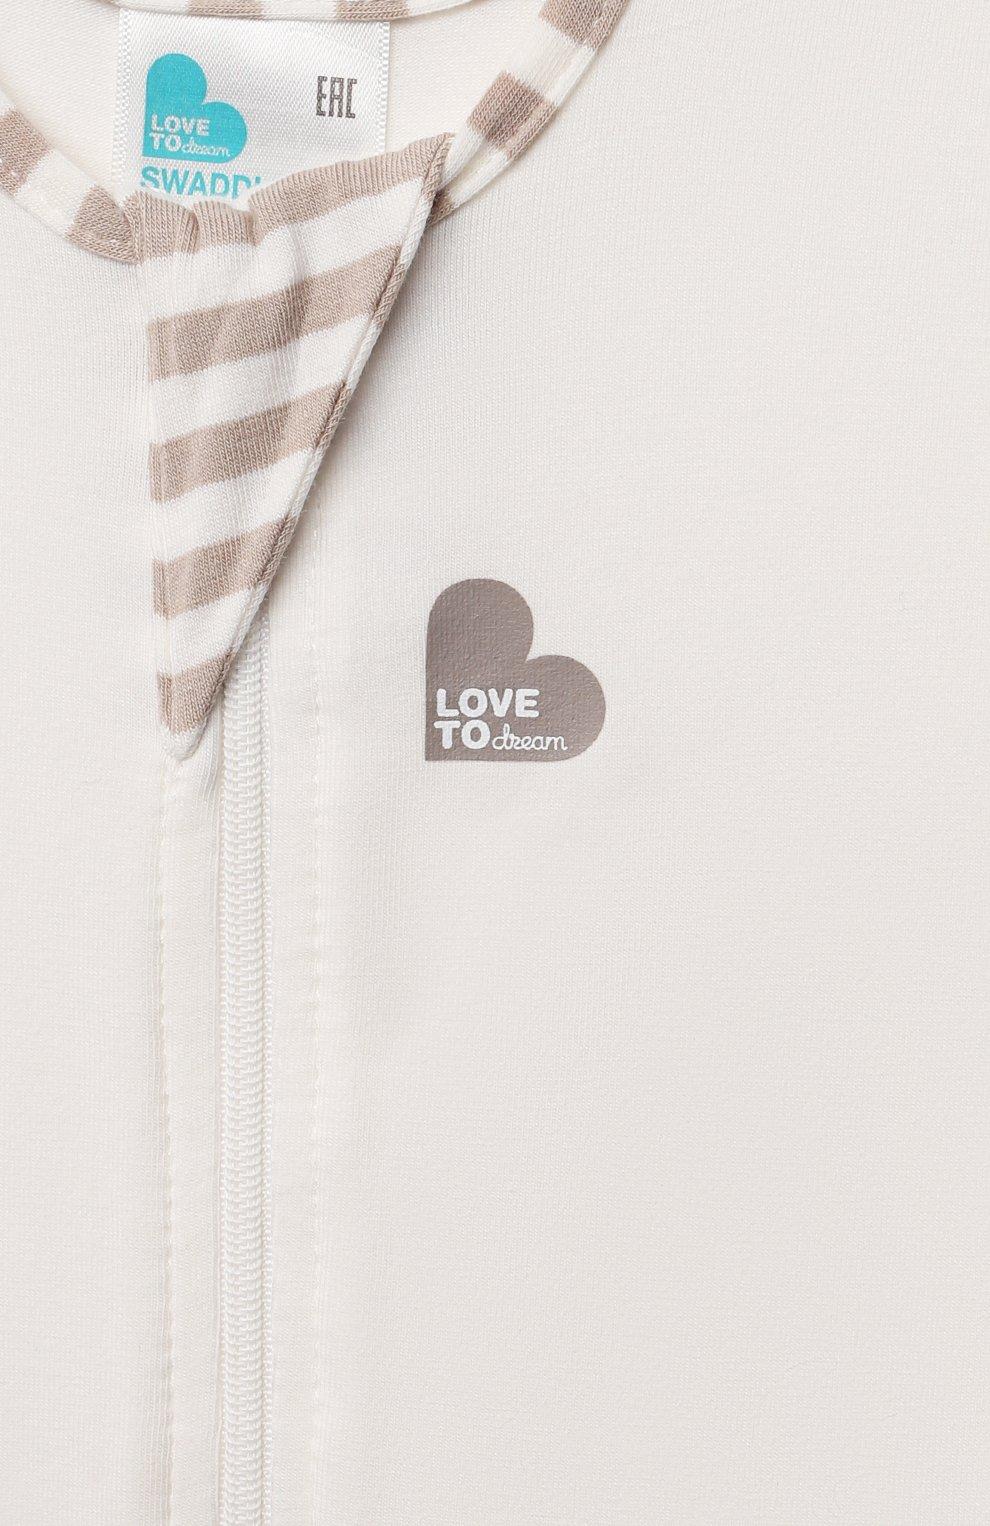 Детский спальный комбинезон LOVE TO DREAM молочного цвета, арт. L10 04 005 CR S | Фото 3 (Рукава: Короткие; Материал внешний: Хлопок; Ростовка одежда: 3 мес | 62 см)